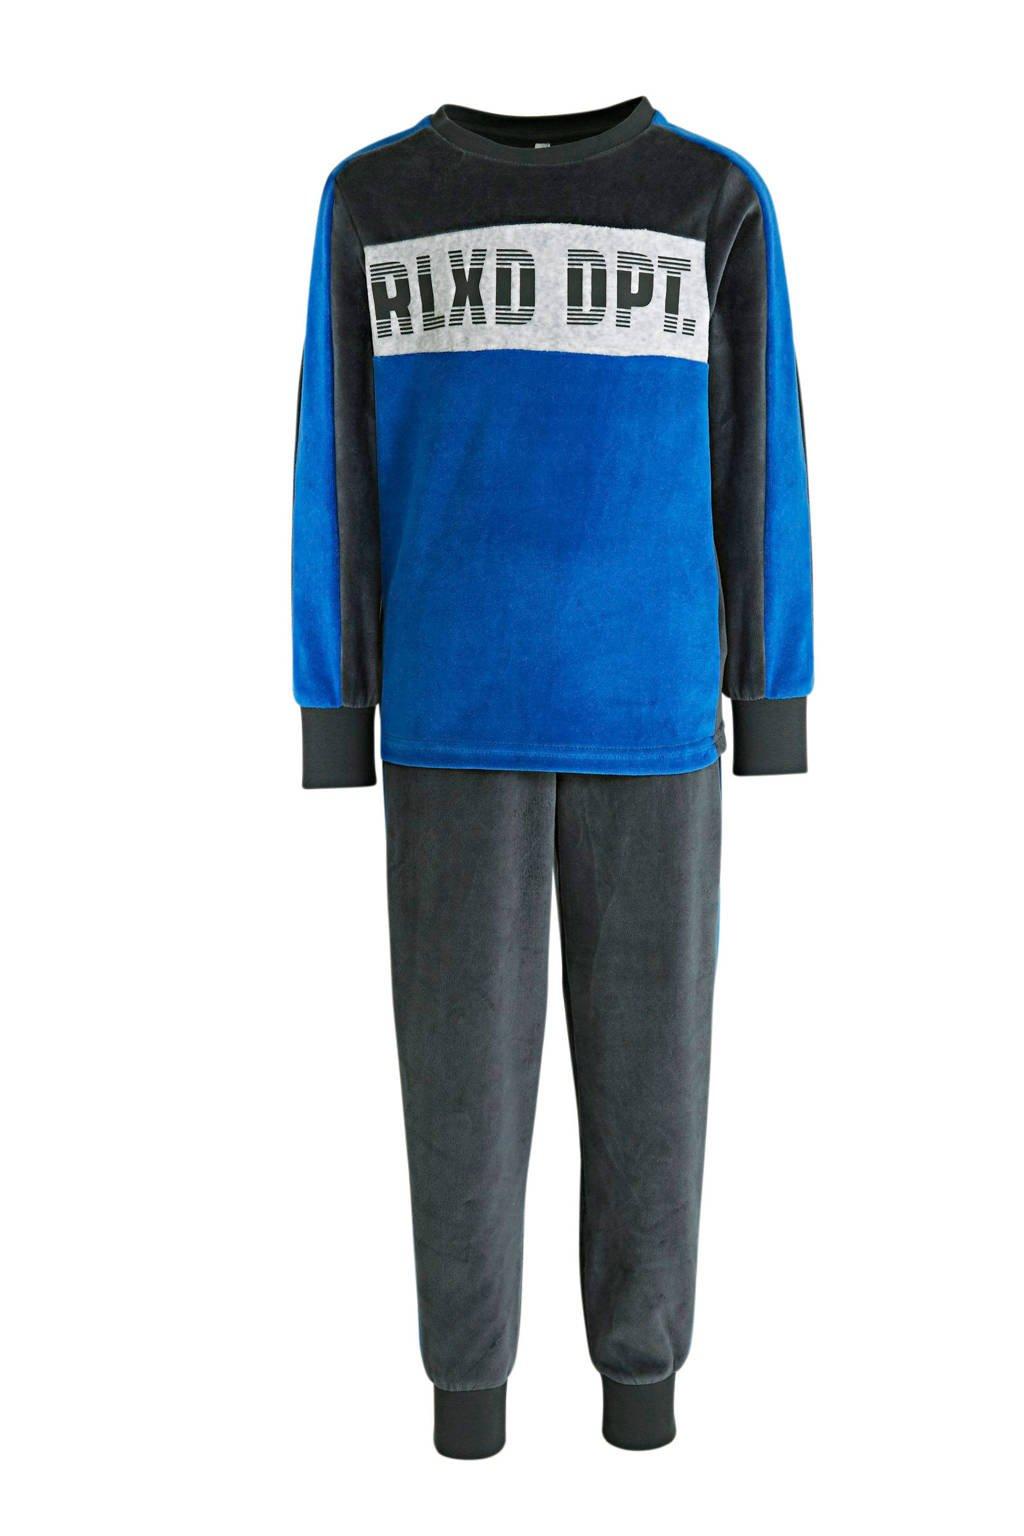 C&A Here & There   pyjama van biologisch katoen blauw/antraciet, Blauw/antraciet